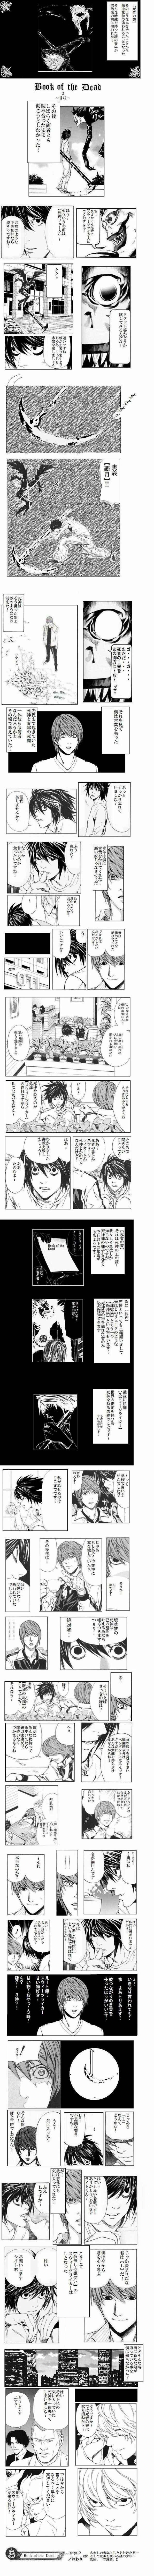 漫画:デスノート -黒眼のL- [おもしろ]2